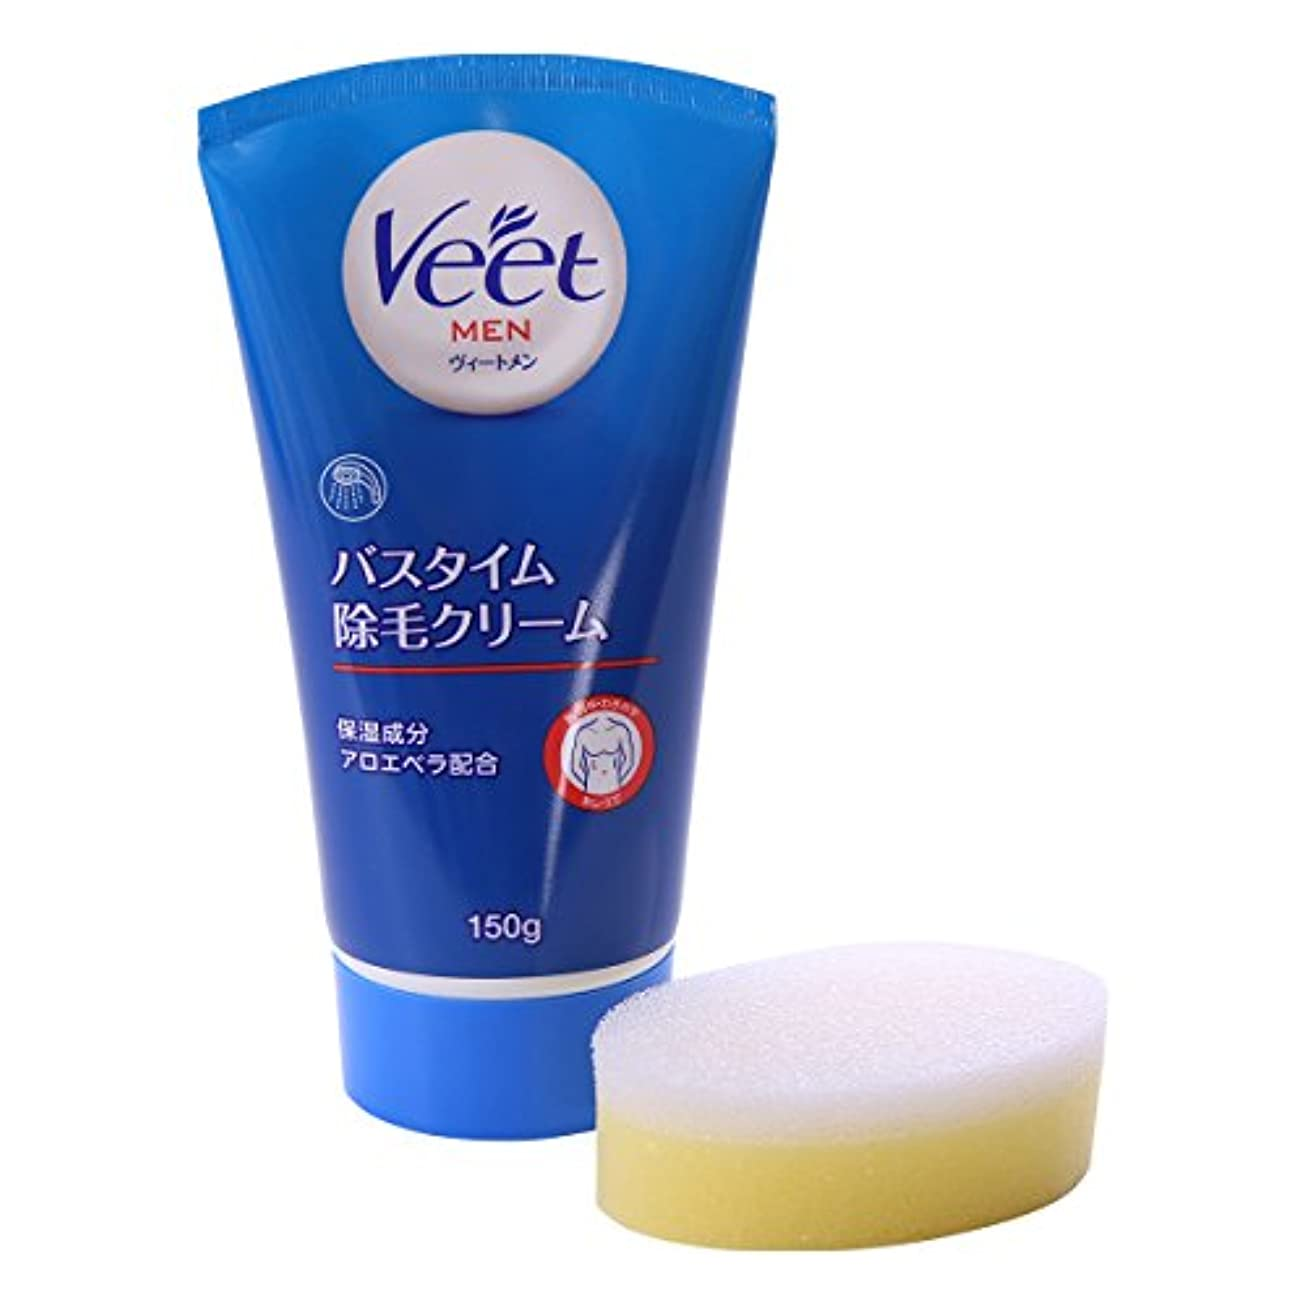 側警戒つづり(ヴィート)Veet メンズ バスタイム 除毛クリーム あし うで 胸 背中 わきの下